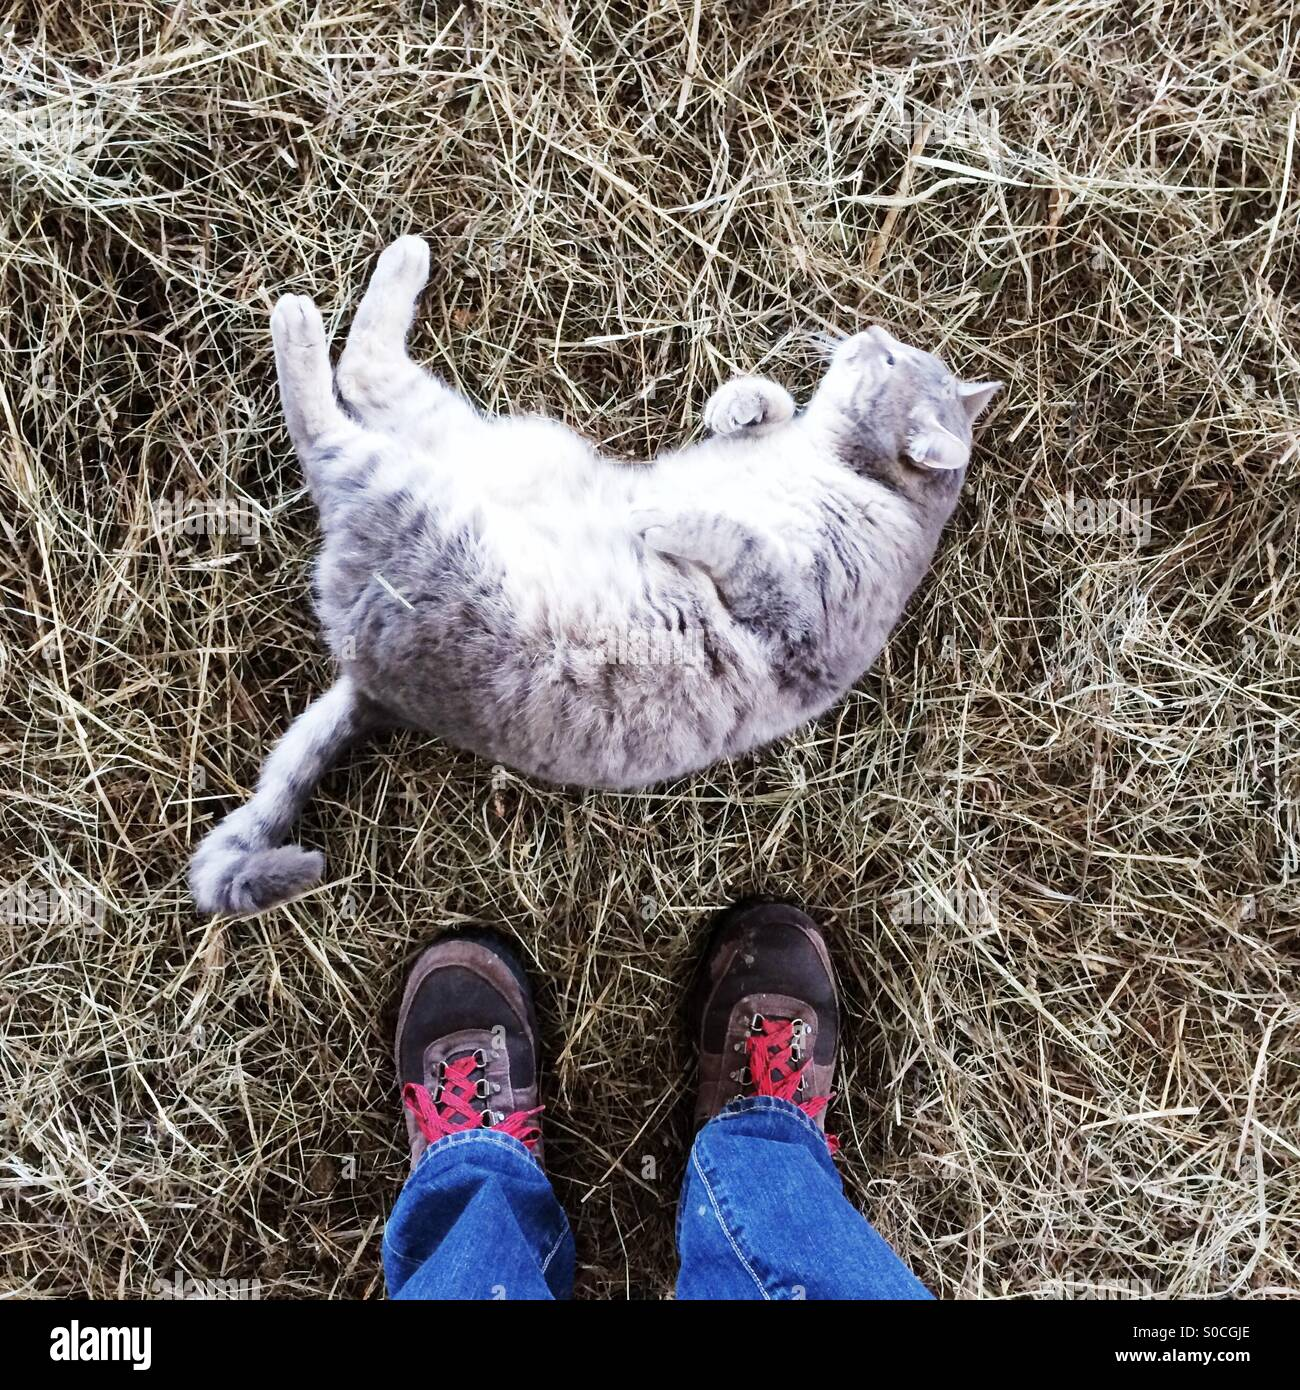 En regardant un chat rouler dans le foin sur une ferme dans le Massachusetts, USA. Photo Stock